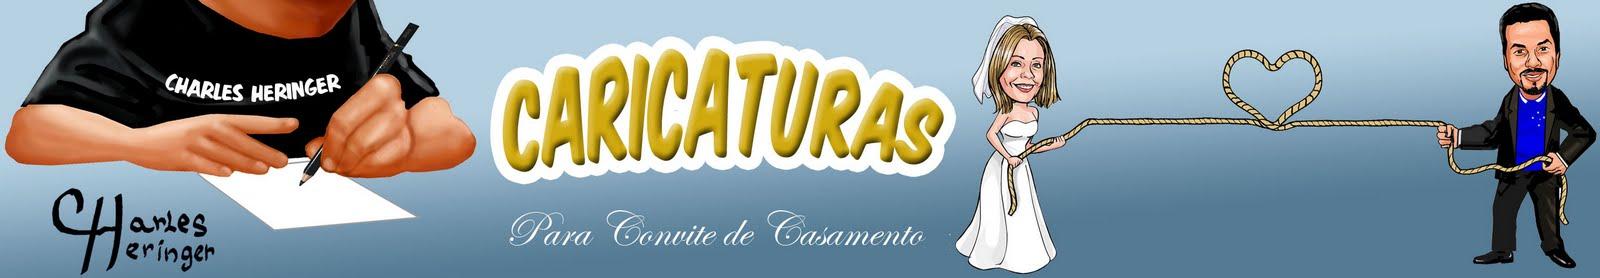 CARICATURAS PARA CONVITE DE CASAMENTO